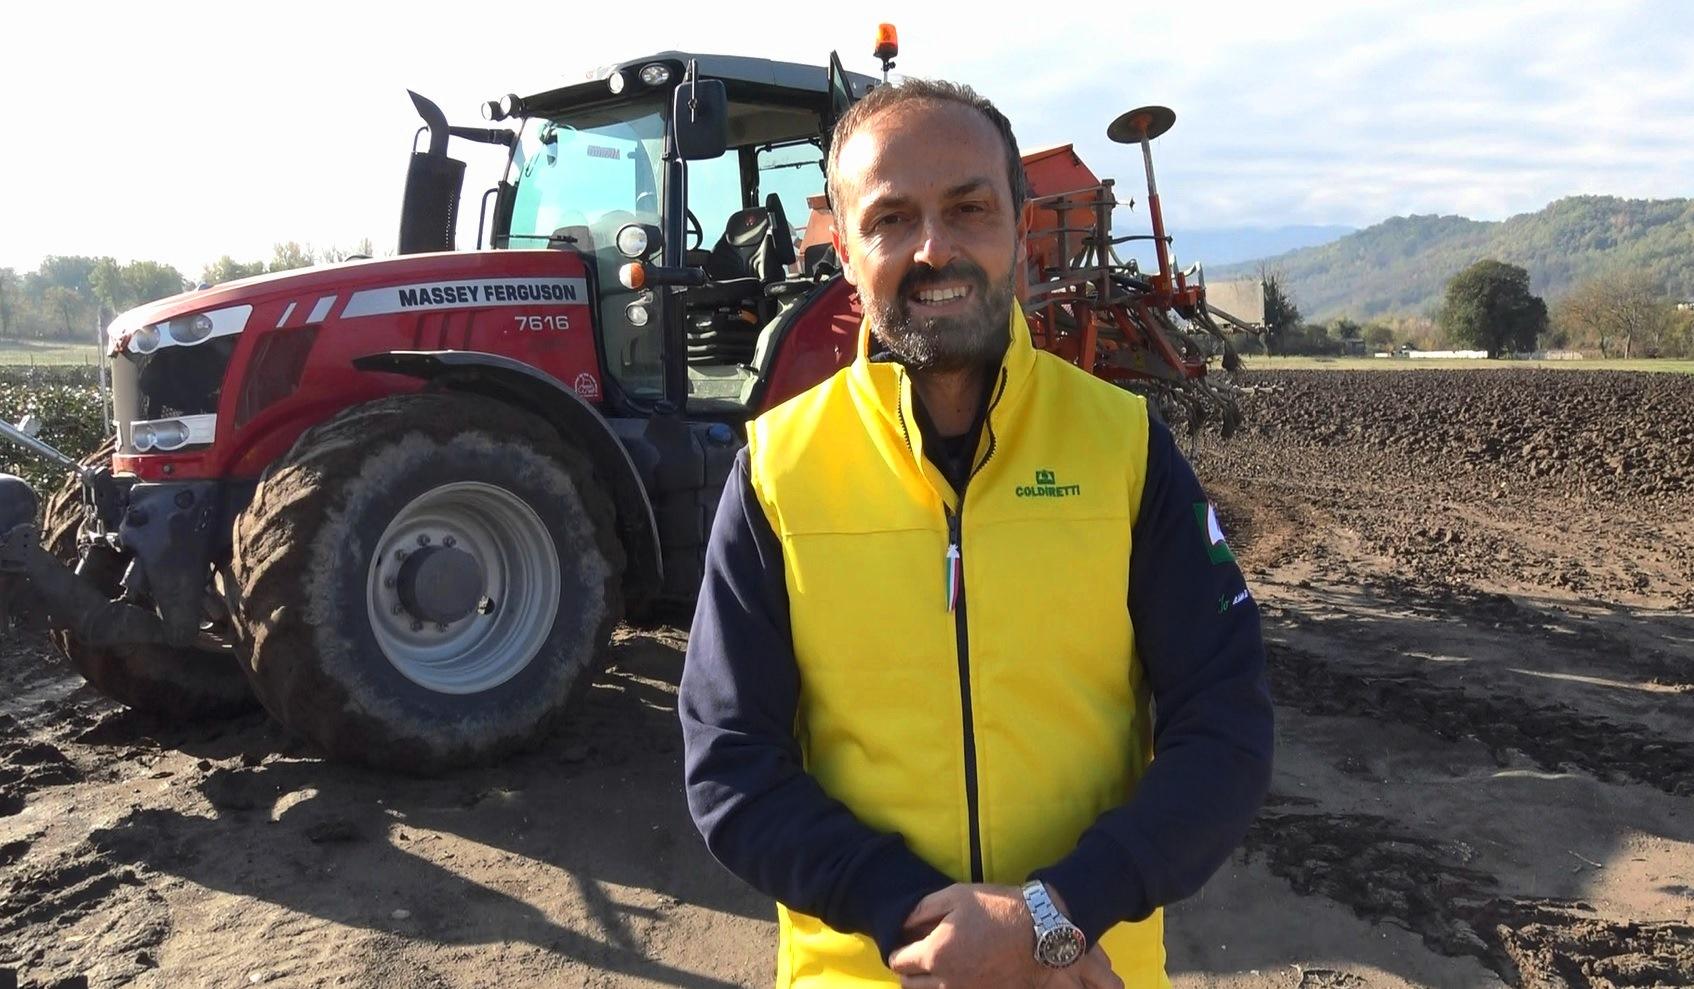 Europee, Masiello (Coldiretti): ecco i 5 punti per difendere l'agricoltura